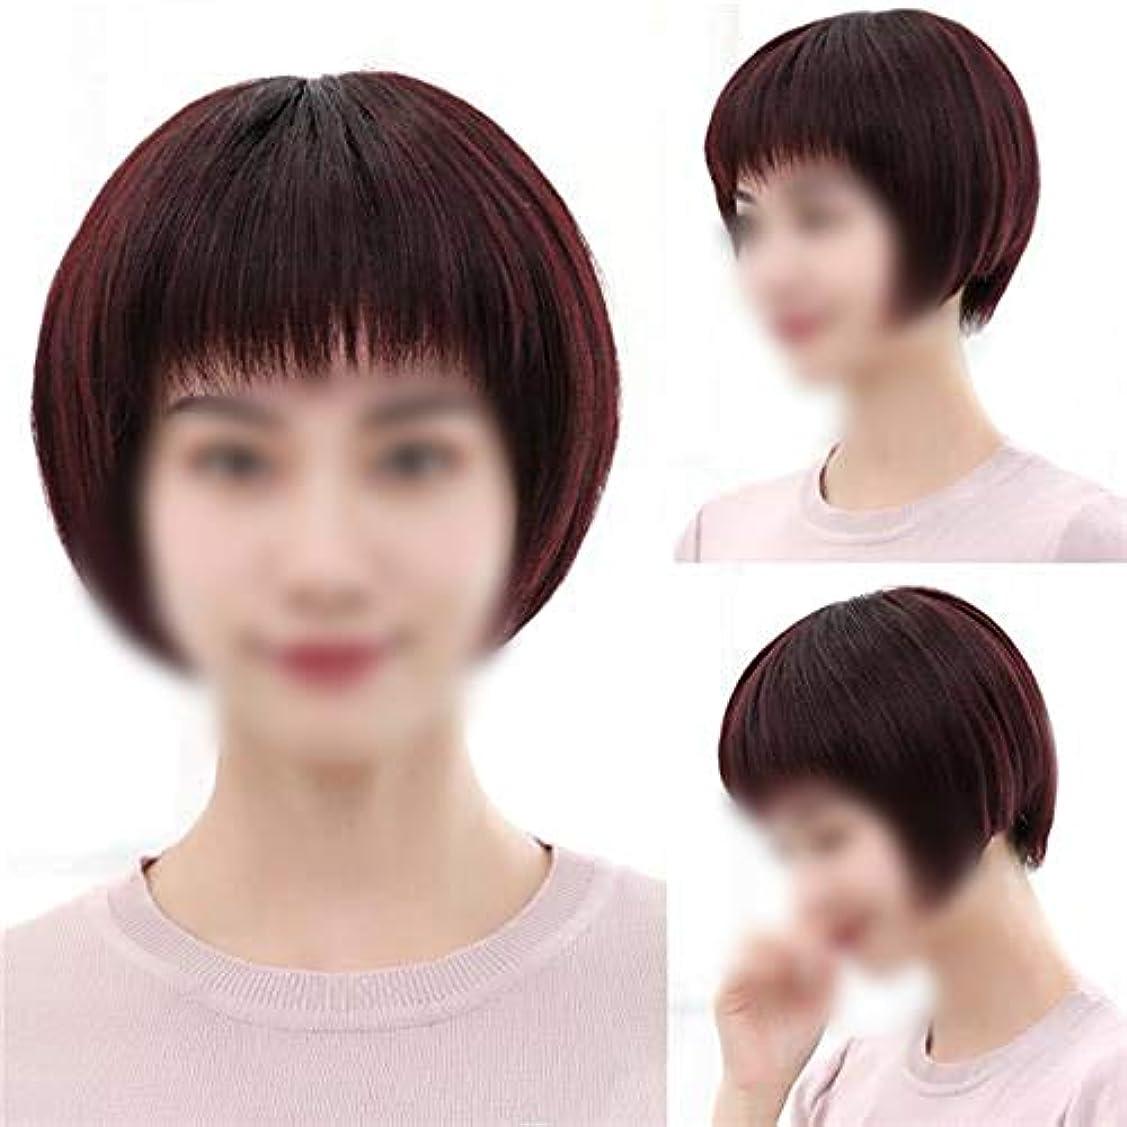 医学密度初心者YOUQIU 女性の中年ウィッグウィッグボブショートストレート髪のフルハンド織実ヘアウィッグ (色 : Dark brown)